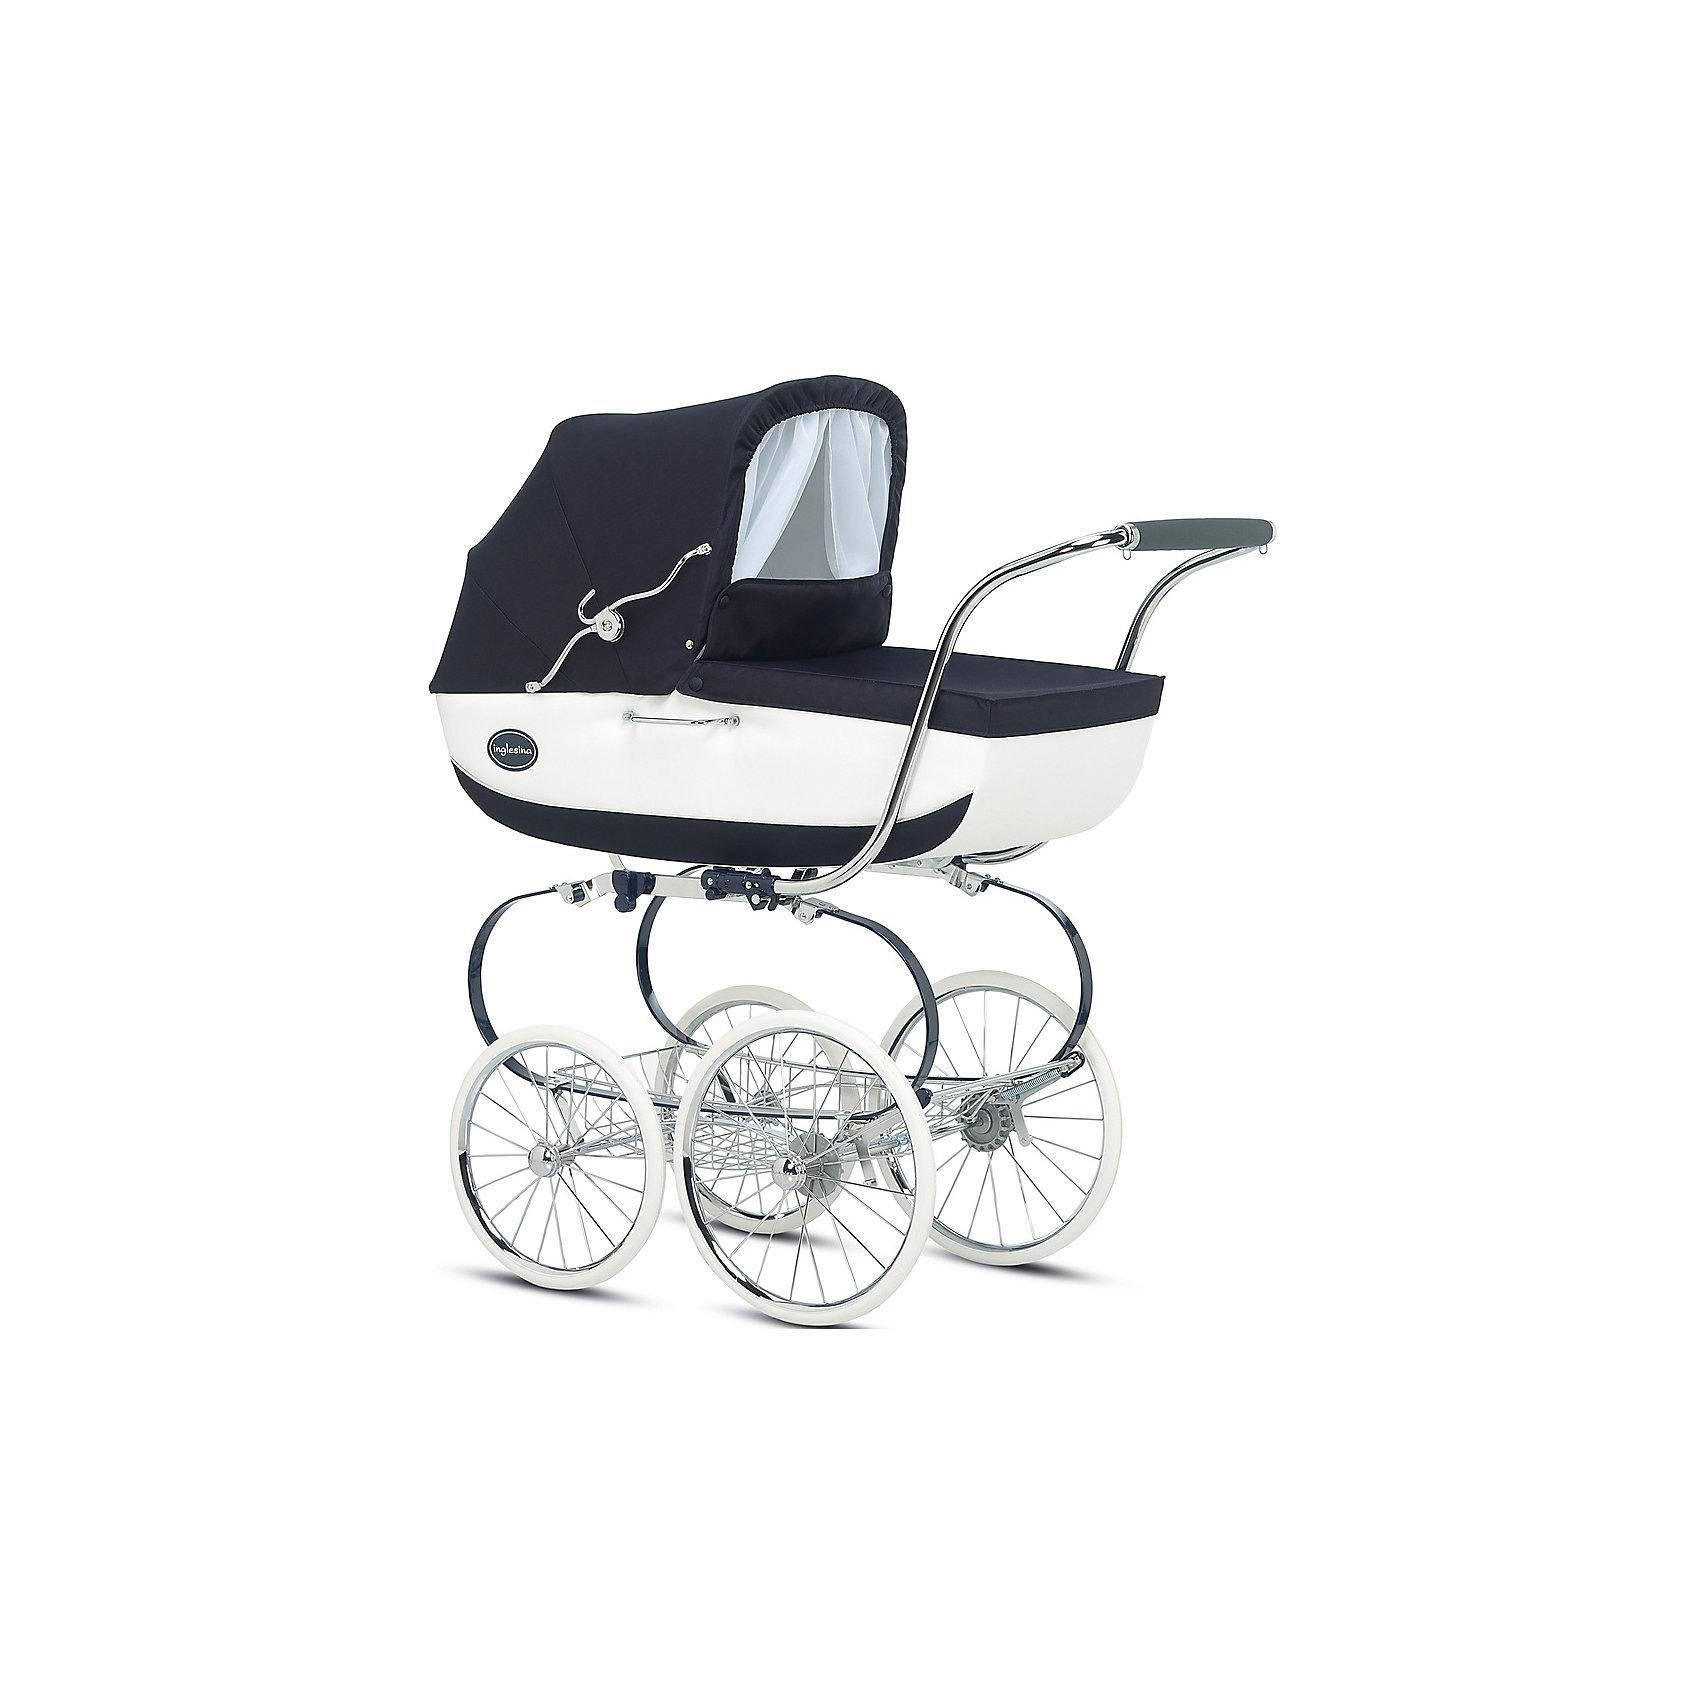 Коляска-люлька Inglesina Classica, Nappa, на шасси Balestrino ChromeBlueКоляски для новорожденных<br>Коляска-люлька Classica, Inglesinaна, Pesca, на шасси Balestrino Chrome/Ivory - красивый, стильный и практичный вариант для малышей и их мам. Модель оснащена регулируемым изголовьем и стояночным тормозом, приводимым в действие нажатием ногой на педаль. Элегантная коляска с деревянным корпусом выполнена в классическом английском стиле. Люлька оснащена системой Standard, которая позволяет по желанию мамы или малыша устанавливать люльку или прогулочный блок лицом к маме или по ходу движения. Внутренняя обивка выполнена из натурального хлопка. Некоторые тканевые элементы съемные. При необходимости вы можете постирать их в холодной воде при температуре не более 30 градусов. Дно люльки имеет специальные отверстия, через которые внутрь проникает воздух (механизм регулирования притока воздуха расположен на дне корзины). Благодаря этому вашему малышу будет уютно и тепло спать в коляске в любое время года. Шасси с системой амортизации и большие колеса разного диаметра способствуют хорошей проходимости и комфорту ребенка на любой дорожной поверхности. <br><br>Дополнительная информация:<br><br>- Материал: сталь, пластик, дерево, резина, текстиль.<br>- Количество колес: 4.<br>- Диаметр передних колес: 35 см<br>- Диаметр задних колес: 40 см<br>- Съемные колеса.<br>- Размер в разложенном виде: 52х98х100 см.<br>- Размер в сложенном виде: 52х50х75 см.<br>- Внутренний размер люльки : 33х20х73 см<br>- Внешний размер люльки: 81х37х22 см.<br>- Вес люльки: 7,8 кг<br>- Вес коляски: 18,5 кг<br>- Механизм складывания: книжка.<br>- Система крепления Standard. <br>- Система вентиляции. <br>- Регулируемое изголовье.<br>- Корзина для покупок.<br><br>Коляску-люльку Classica, Inglesinaна (Инглезина), Nappa, на шасси Balestrino Chrome/Ivory можно купить в нашем магазине.<br><br>Ширина мм: 1040<br>Глубина мм: 620<br>Высота мм: 1710<br>Вес г: 22400<br>Возраст от месяцев: 0<br>Возраст до месяцев: 6<br